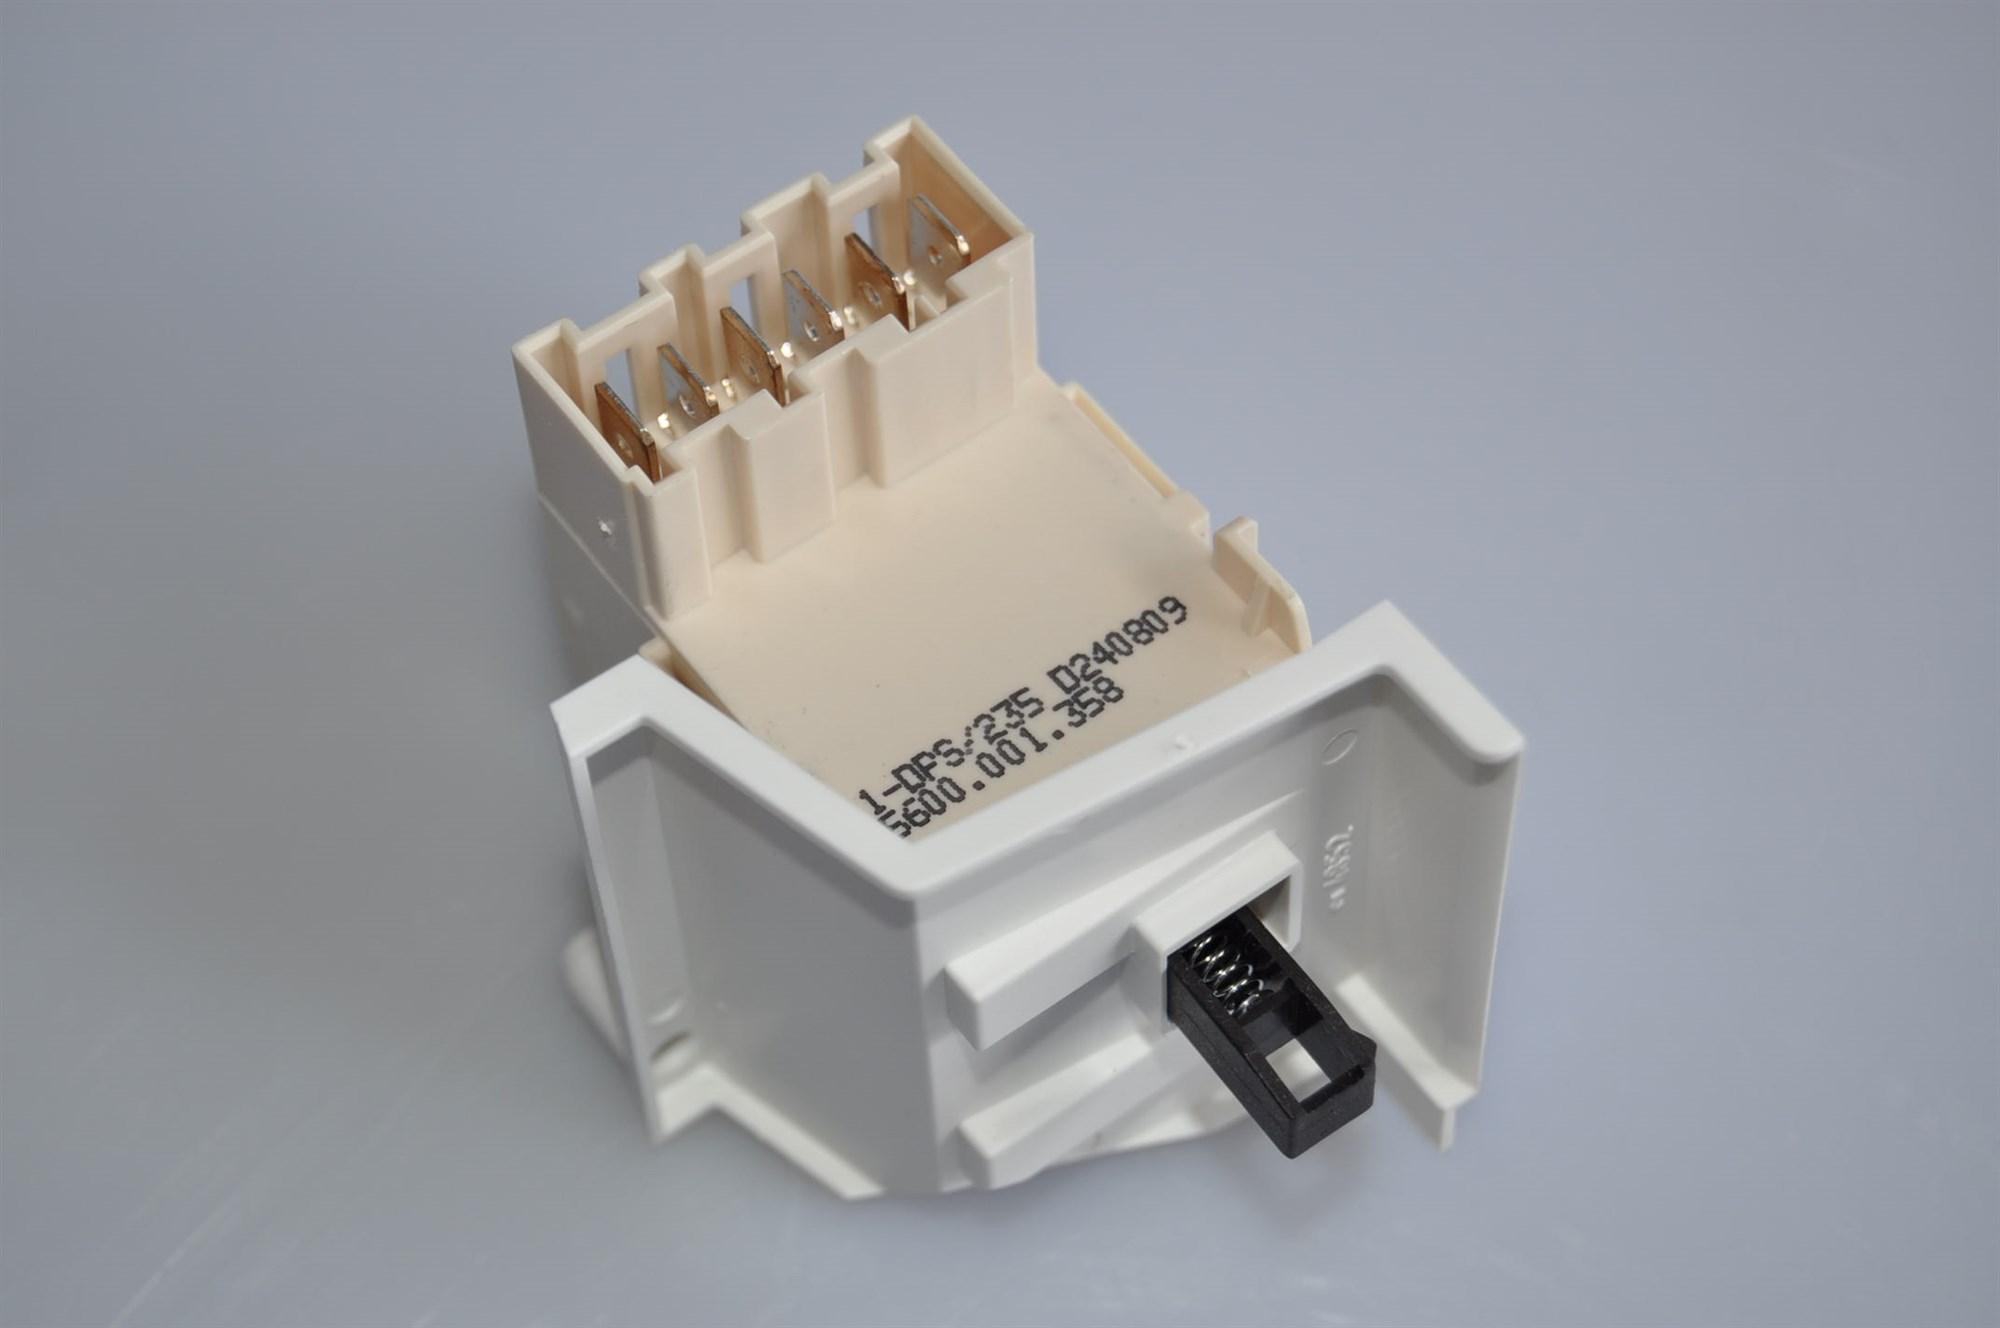 Bosch Kühlschrank Schalter : Schalter bosch geschirrspüler